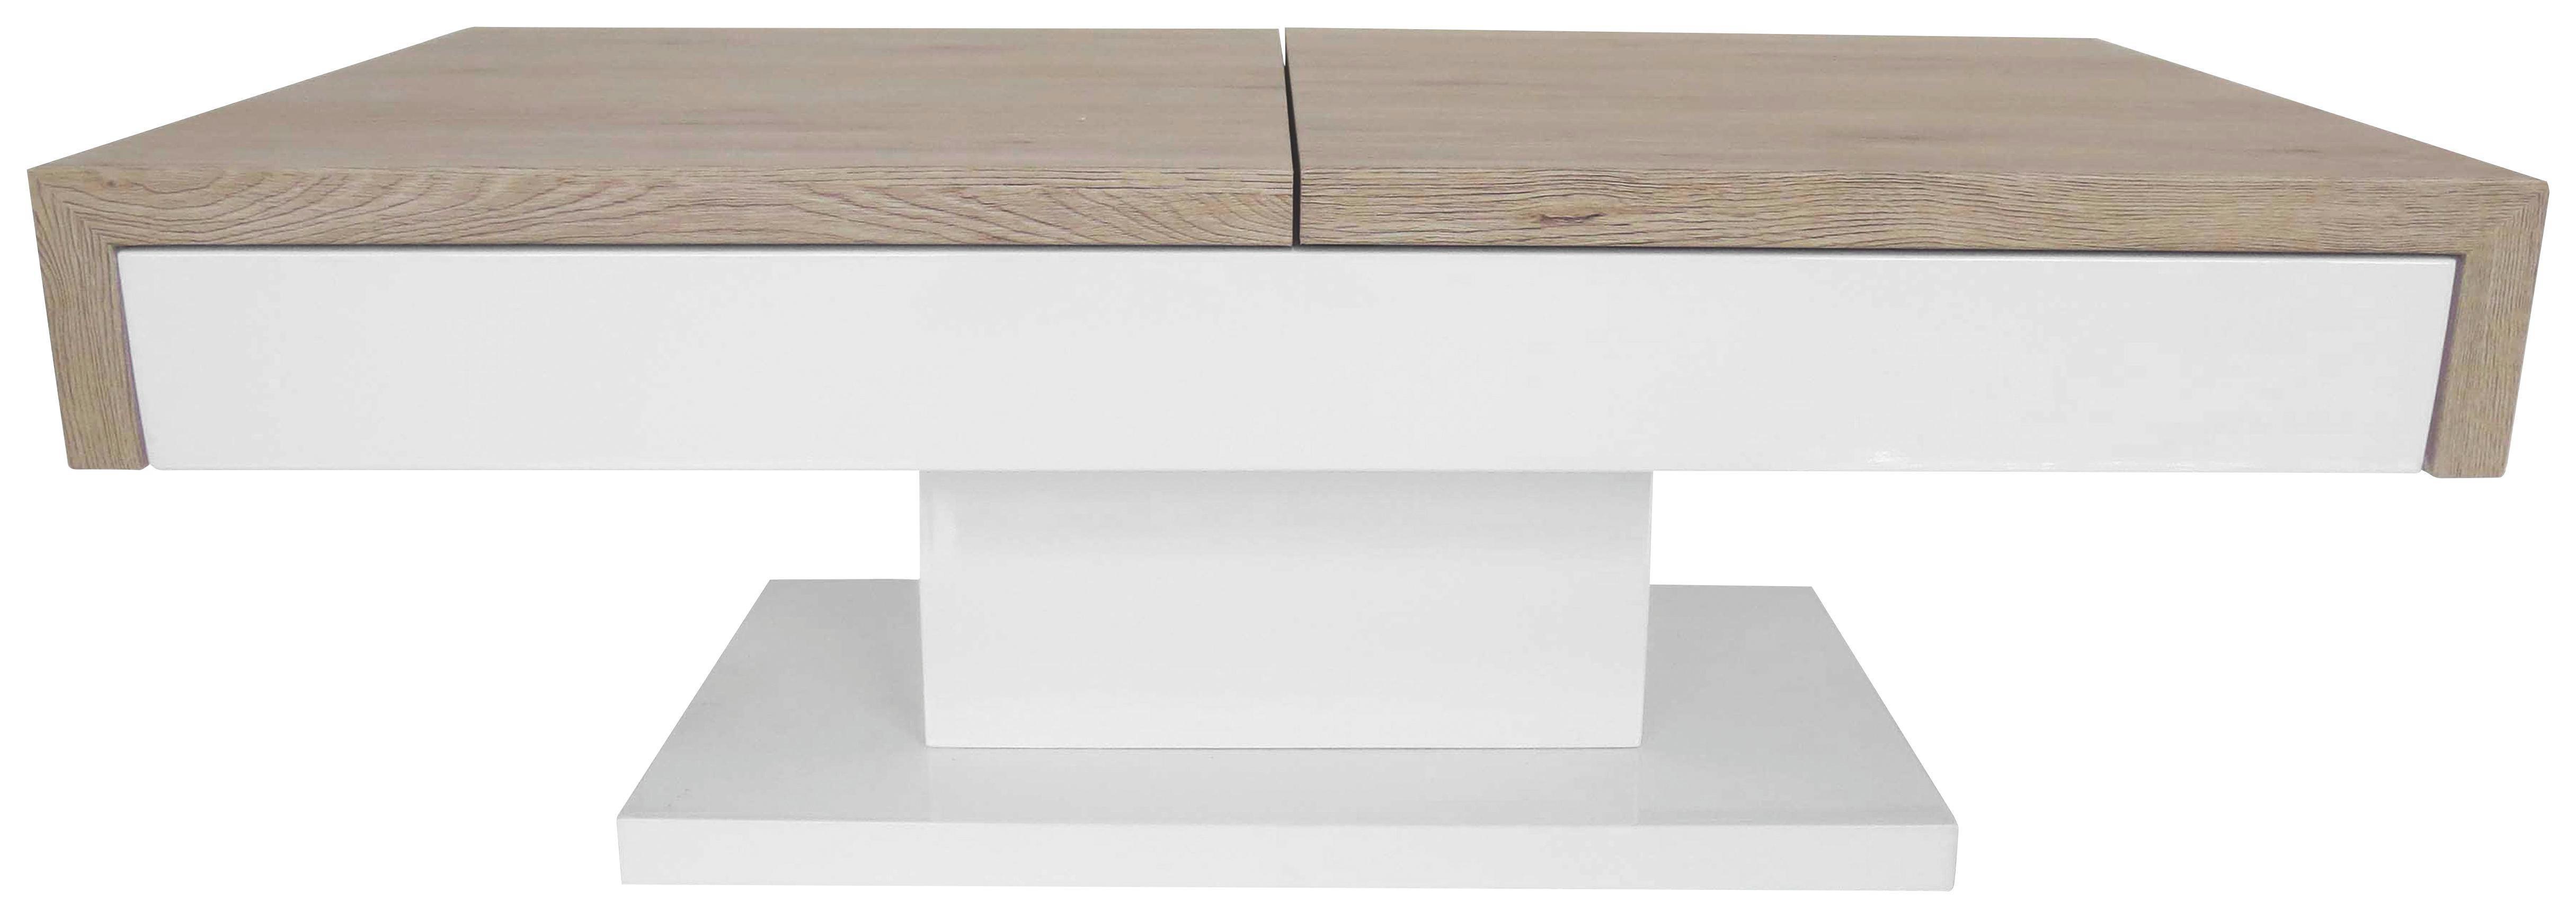 Couchtisch Weiß Hochglanz/eichefarben - Eichefarben/Weiß, Holzwerkstoff (110/40/60cm) - MÖMAX modern living